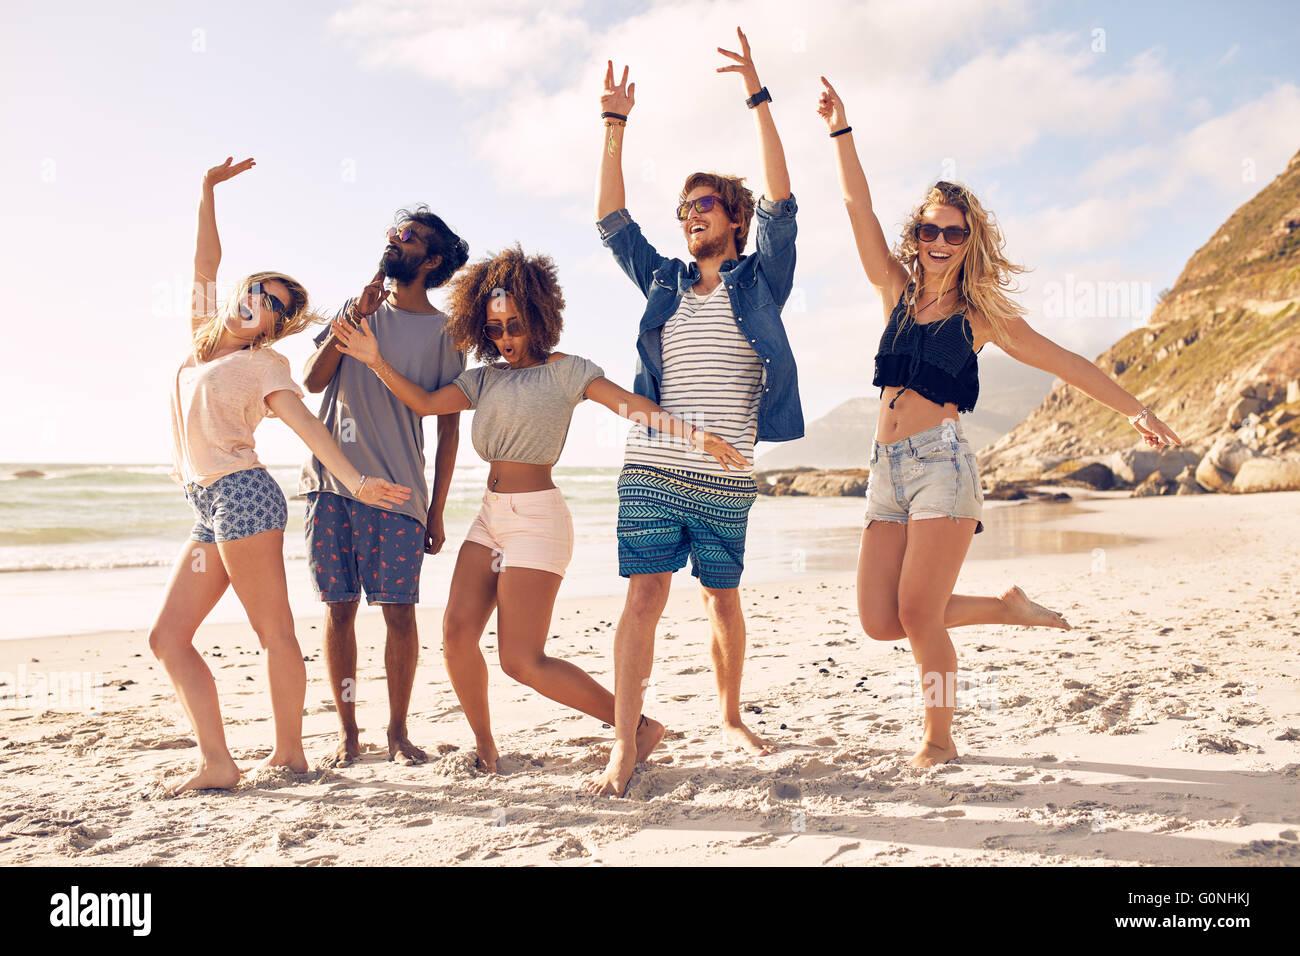 Retrato de entusiasmados jóvenes amigos de pie en la playa. Grupo multirracial de amigos disfrutando de un Imagen De Stock